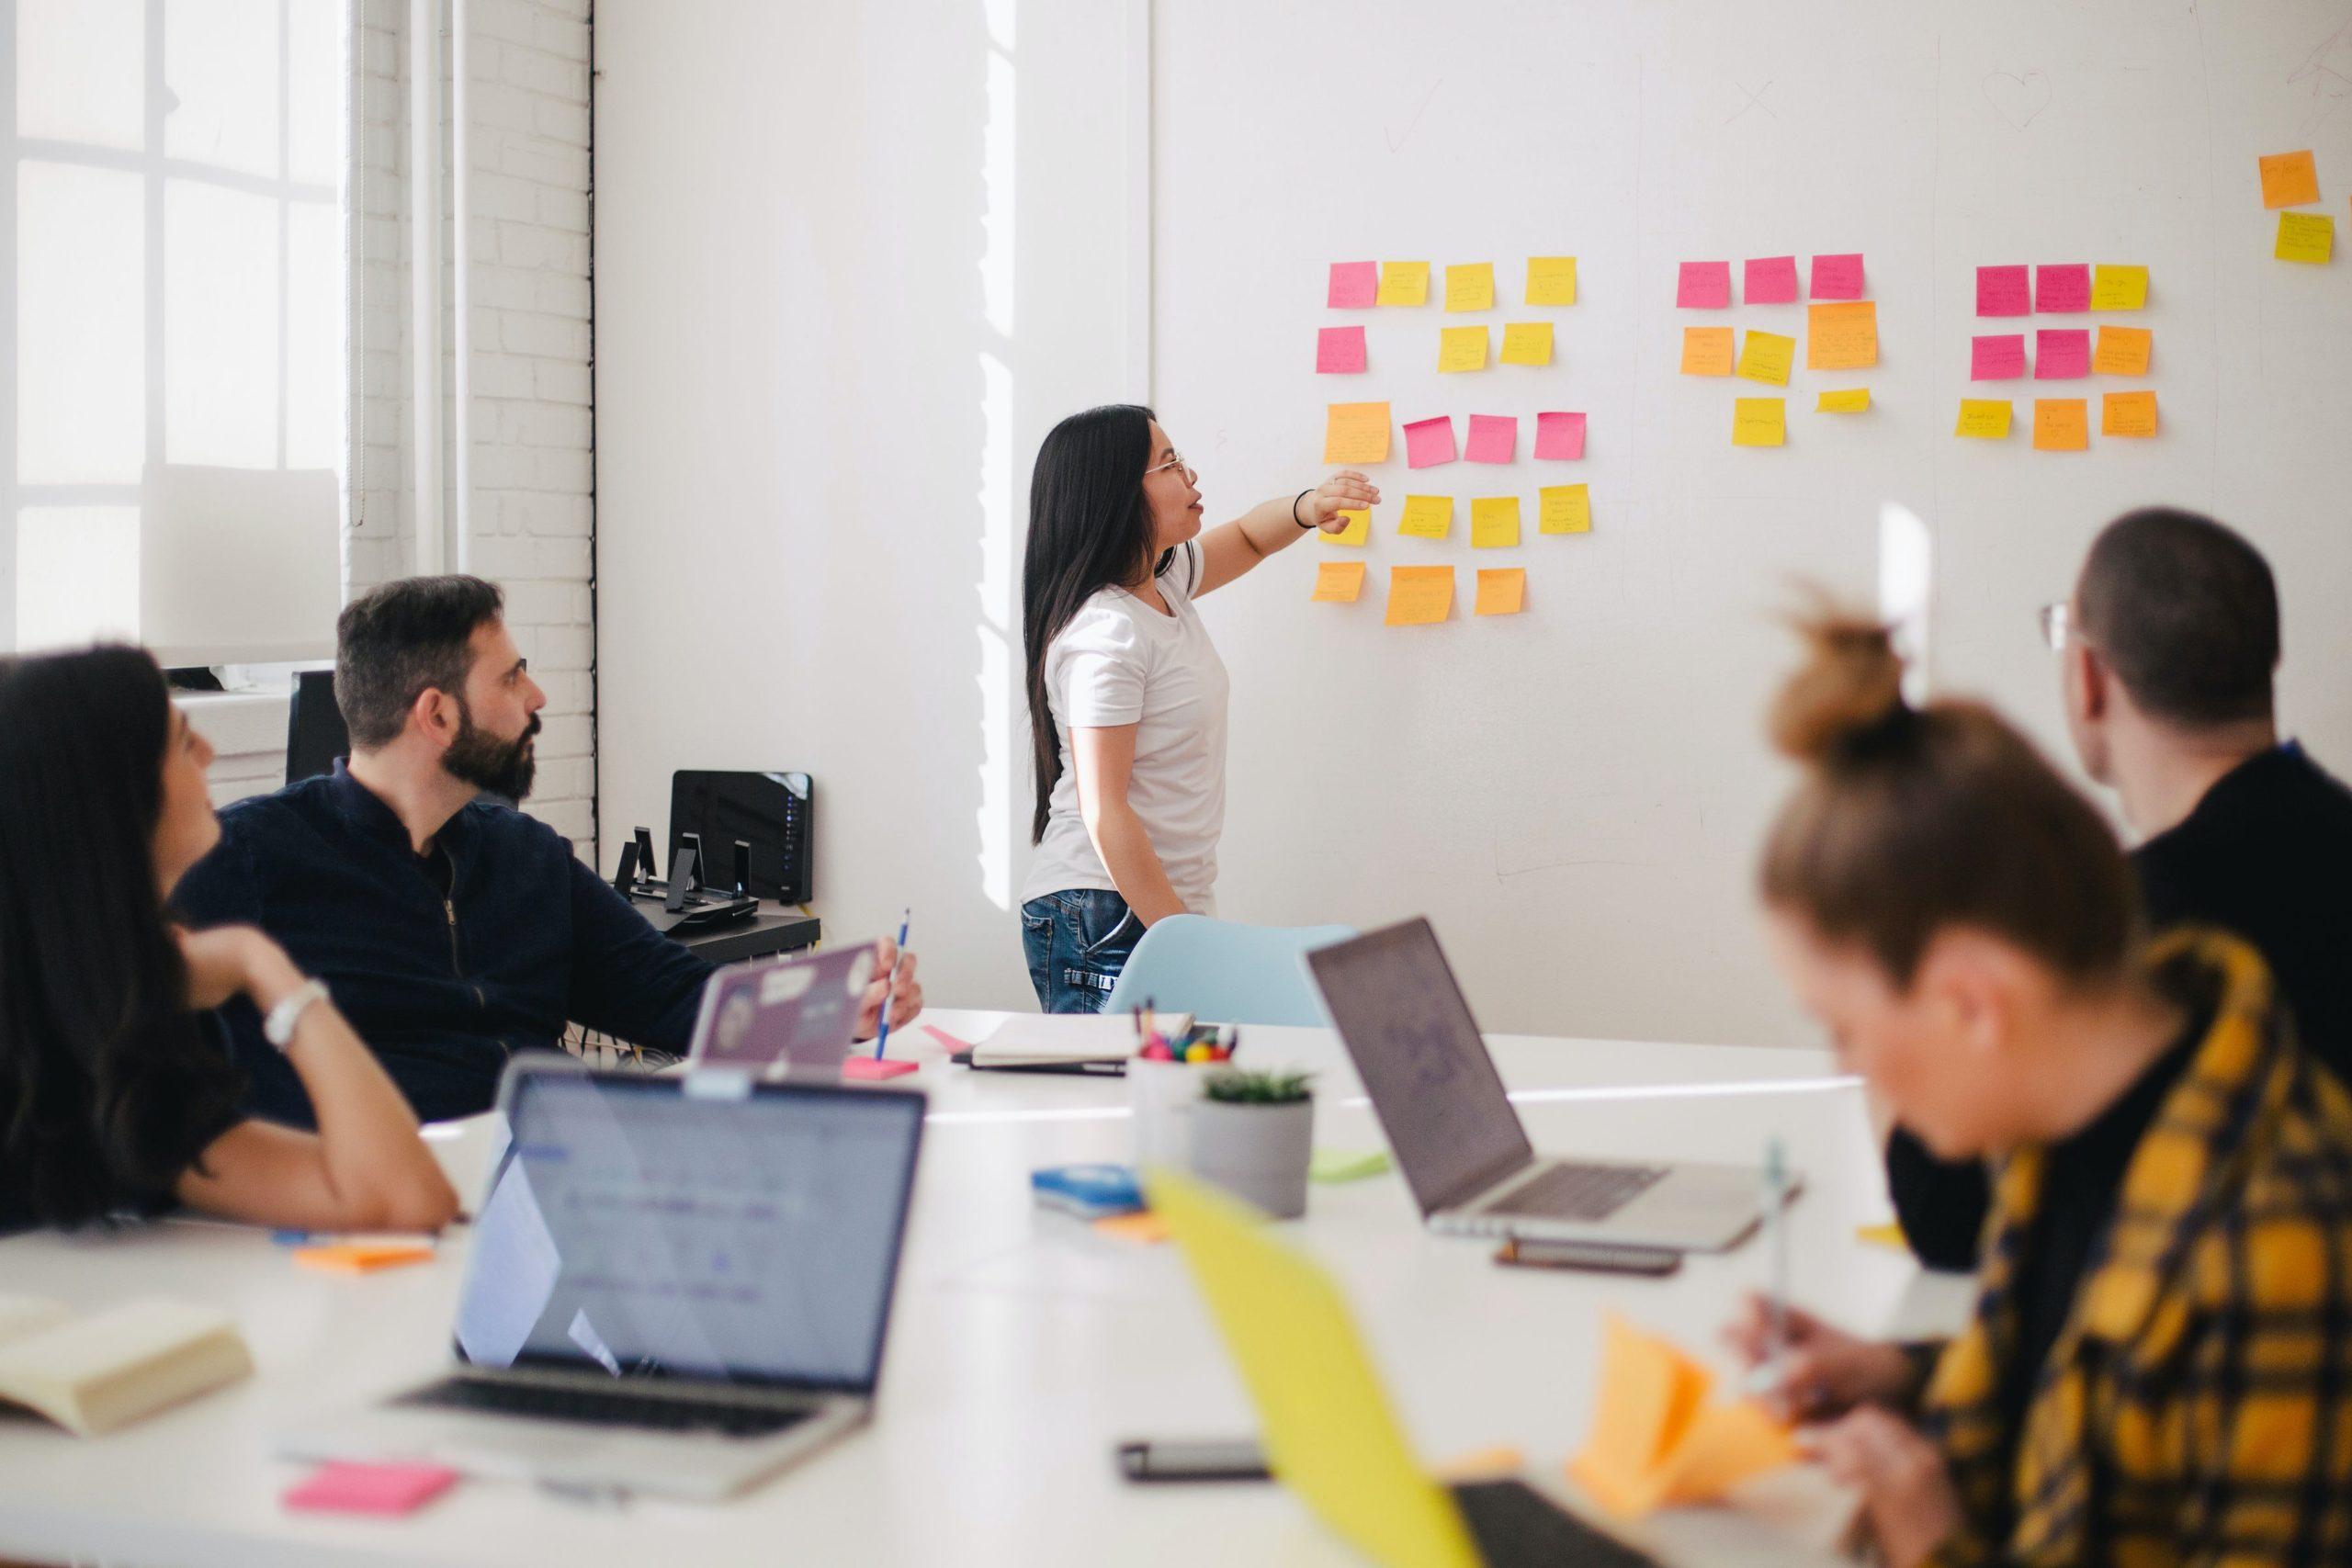 Betriebliche Altersvorsorge: Wie können Unternehmen zur finanziellen Absicherung ihrer Mitarbeiter*innen beitragen? 1